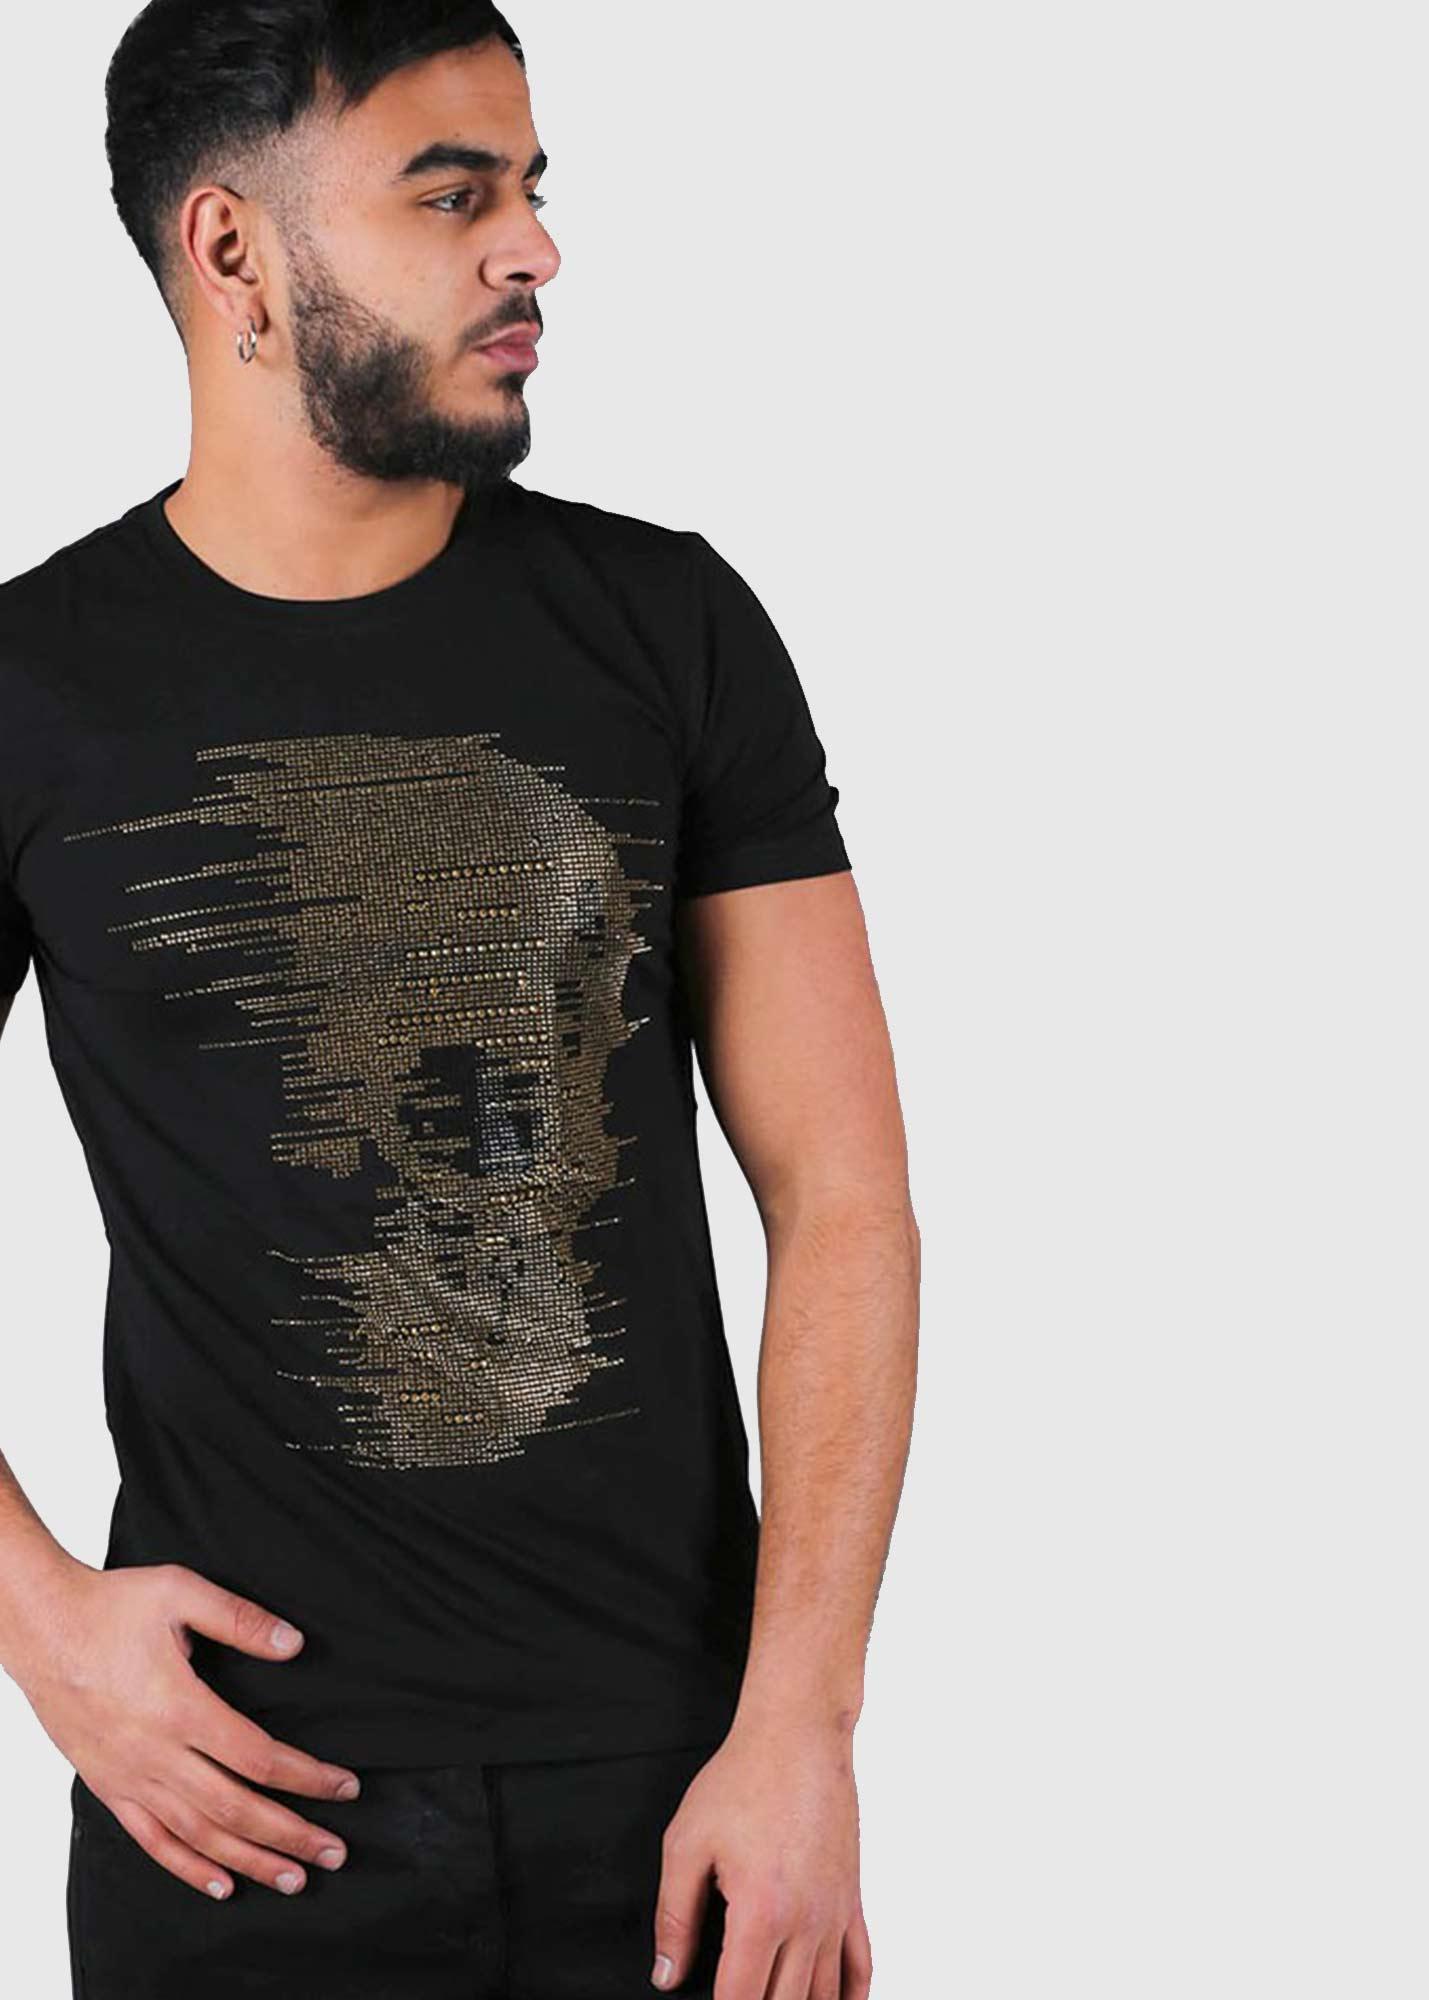 качестве фото футболки в стразах фото мужские картинки тегом